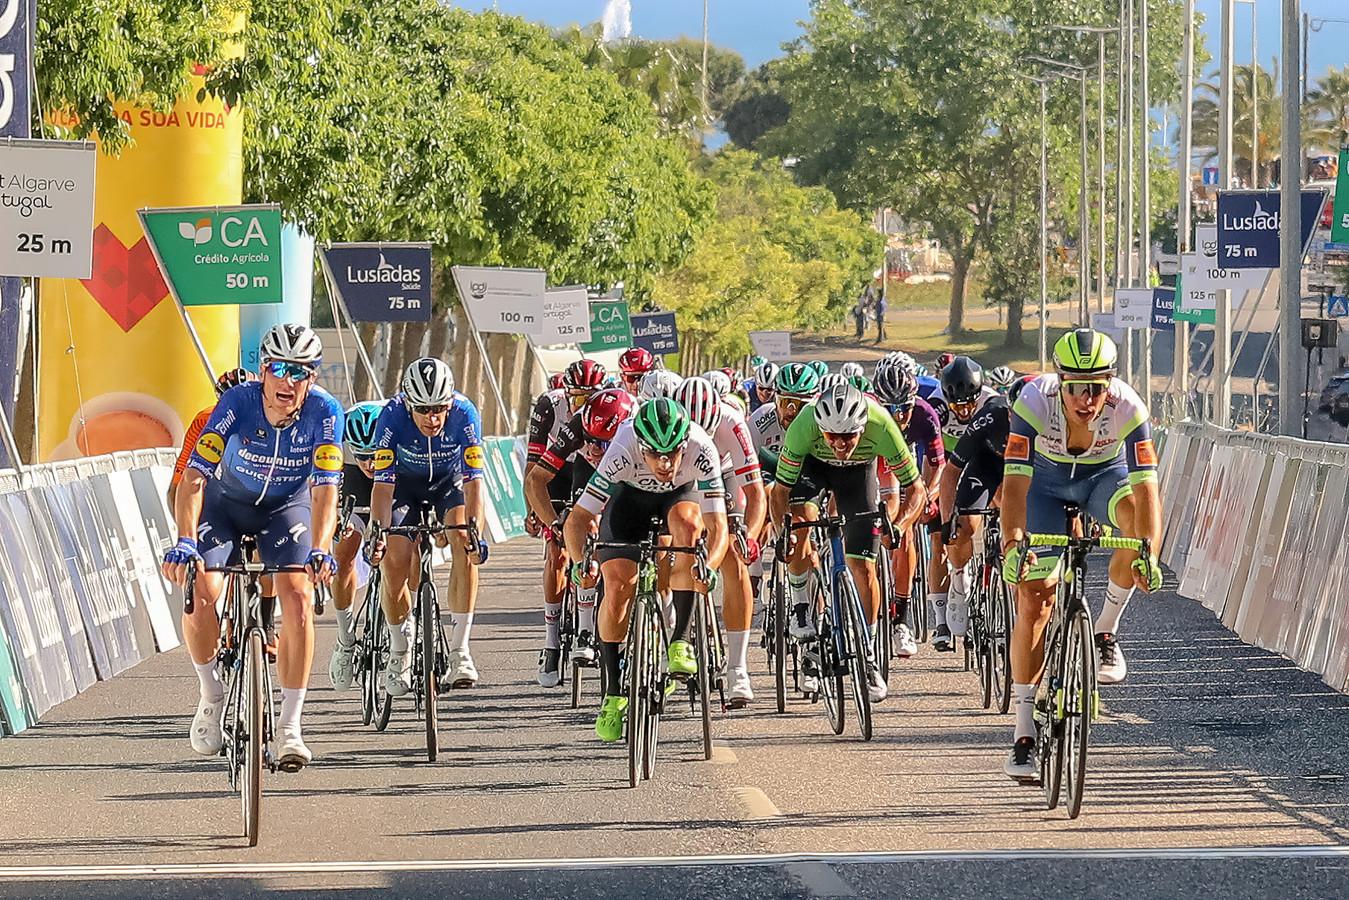 Begin dit jaar reden Danny van Poppel (uiterst rechts) en Sam Bennett (links) in de Ronde van de Algarve nog tegen elkaar. Toen won Bennett. Nu kijkt Van Poppel er naar uit om de Ier te helpen aan nog meer zeges.